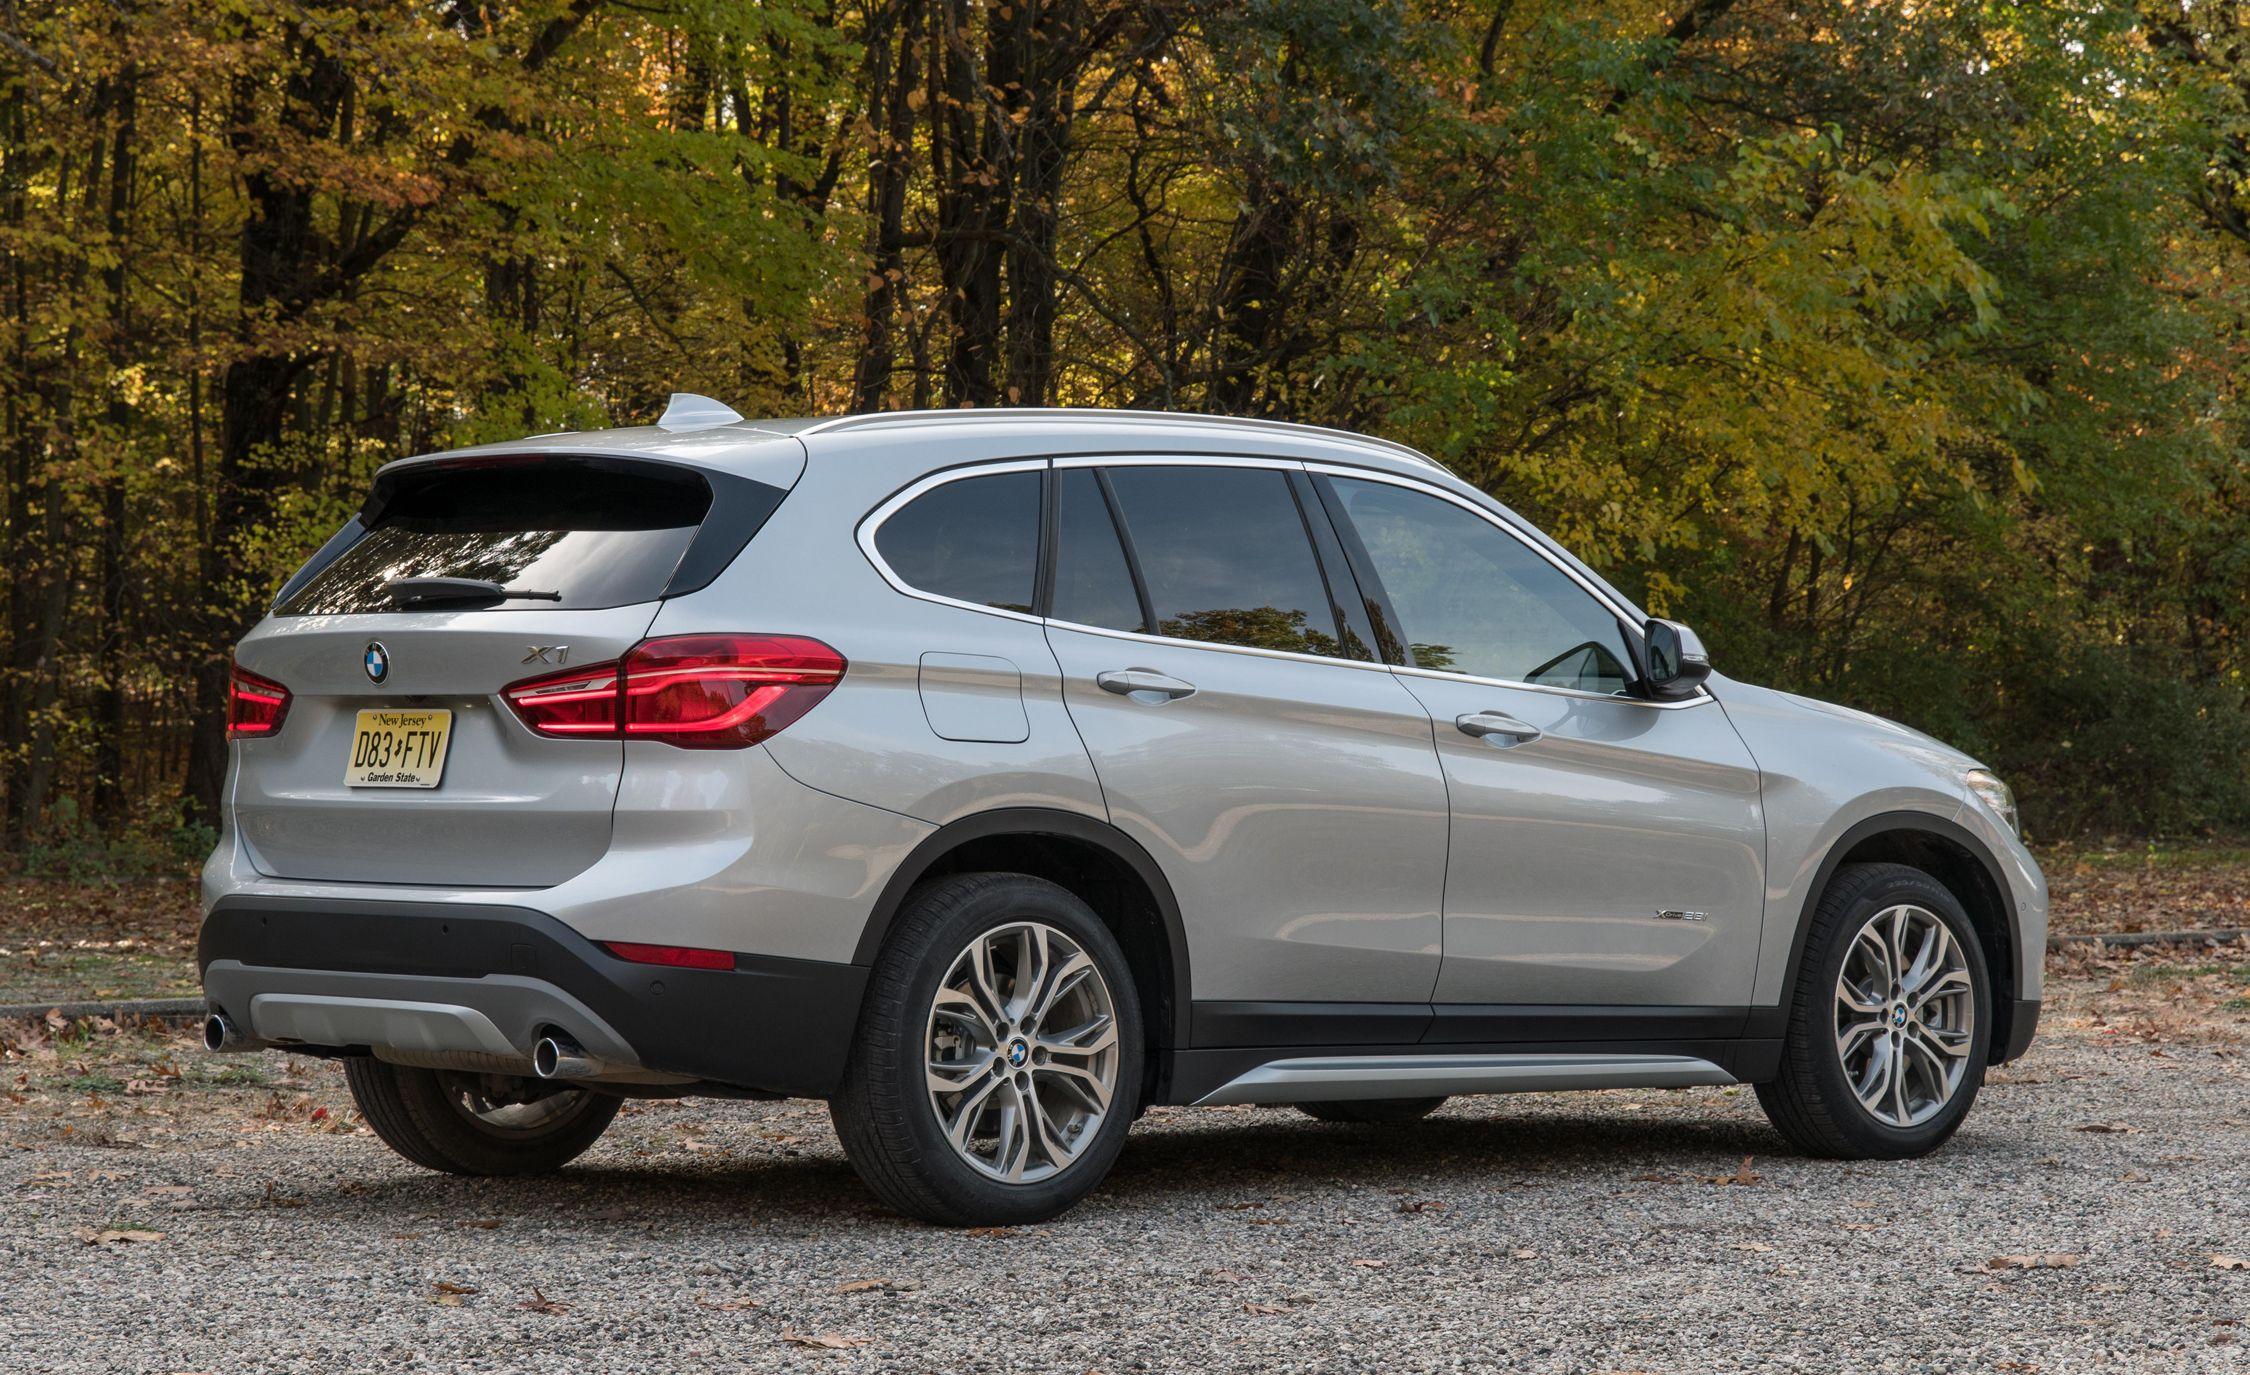 2017 BMW X1 Fuel Economy Review